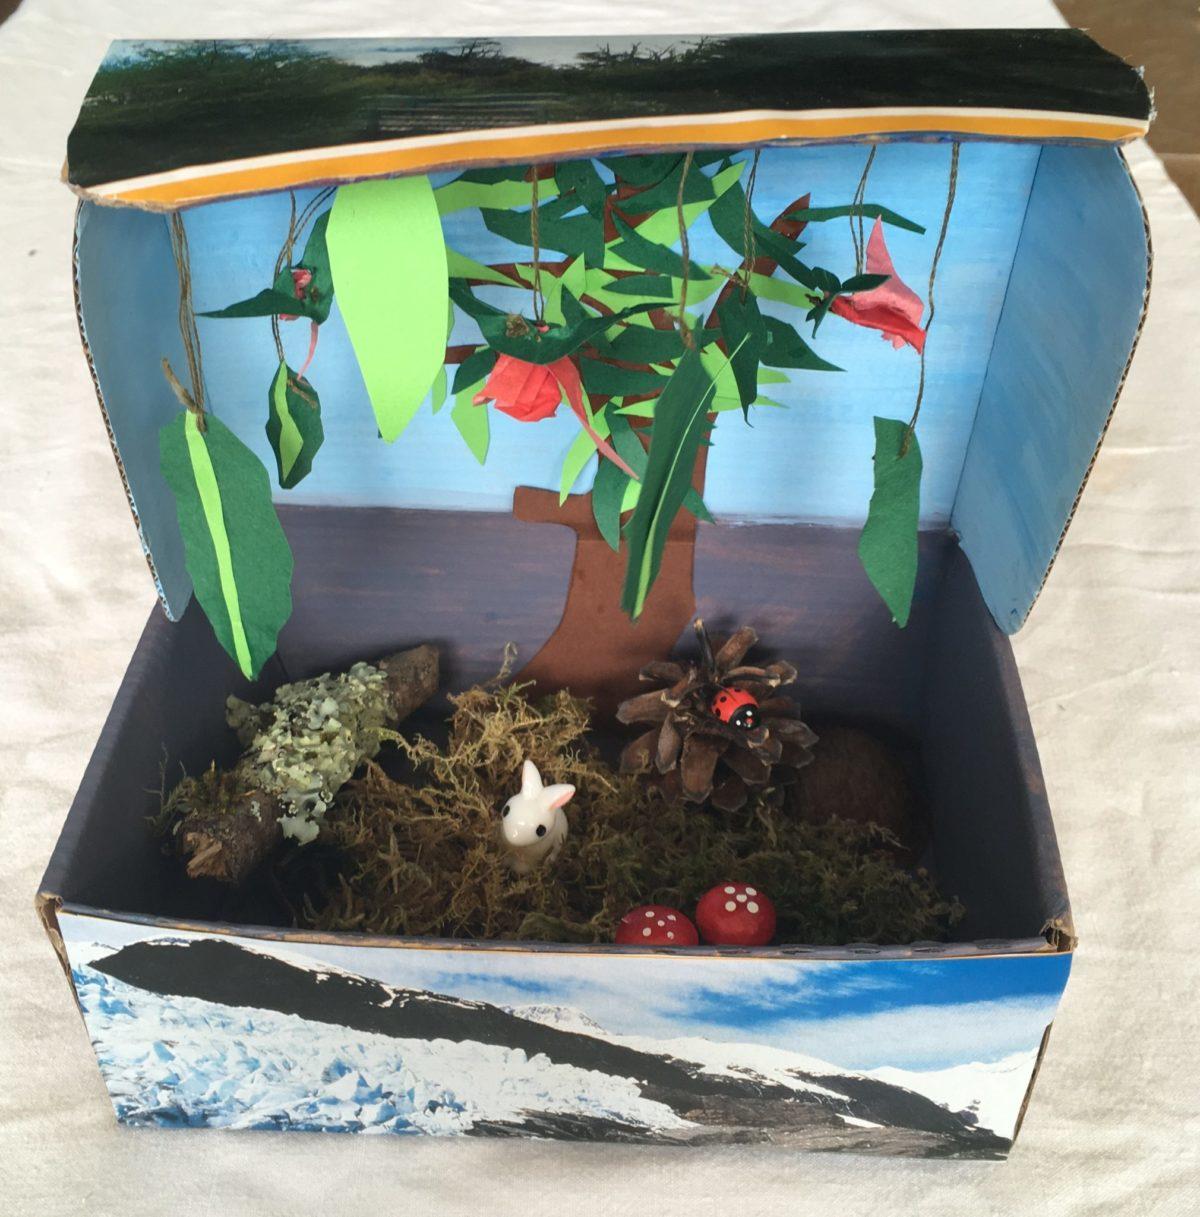 Crea un jardín mágico con la caja de huevo campero Pazo de Vilane